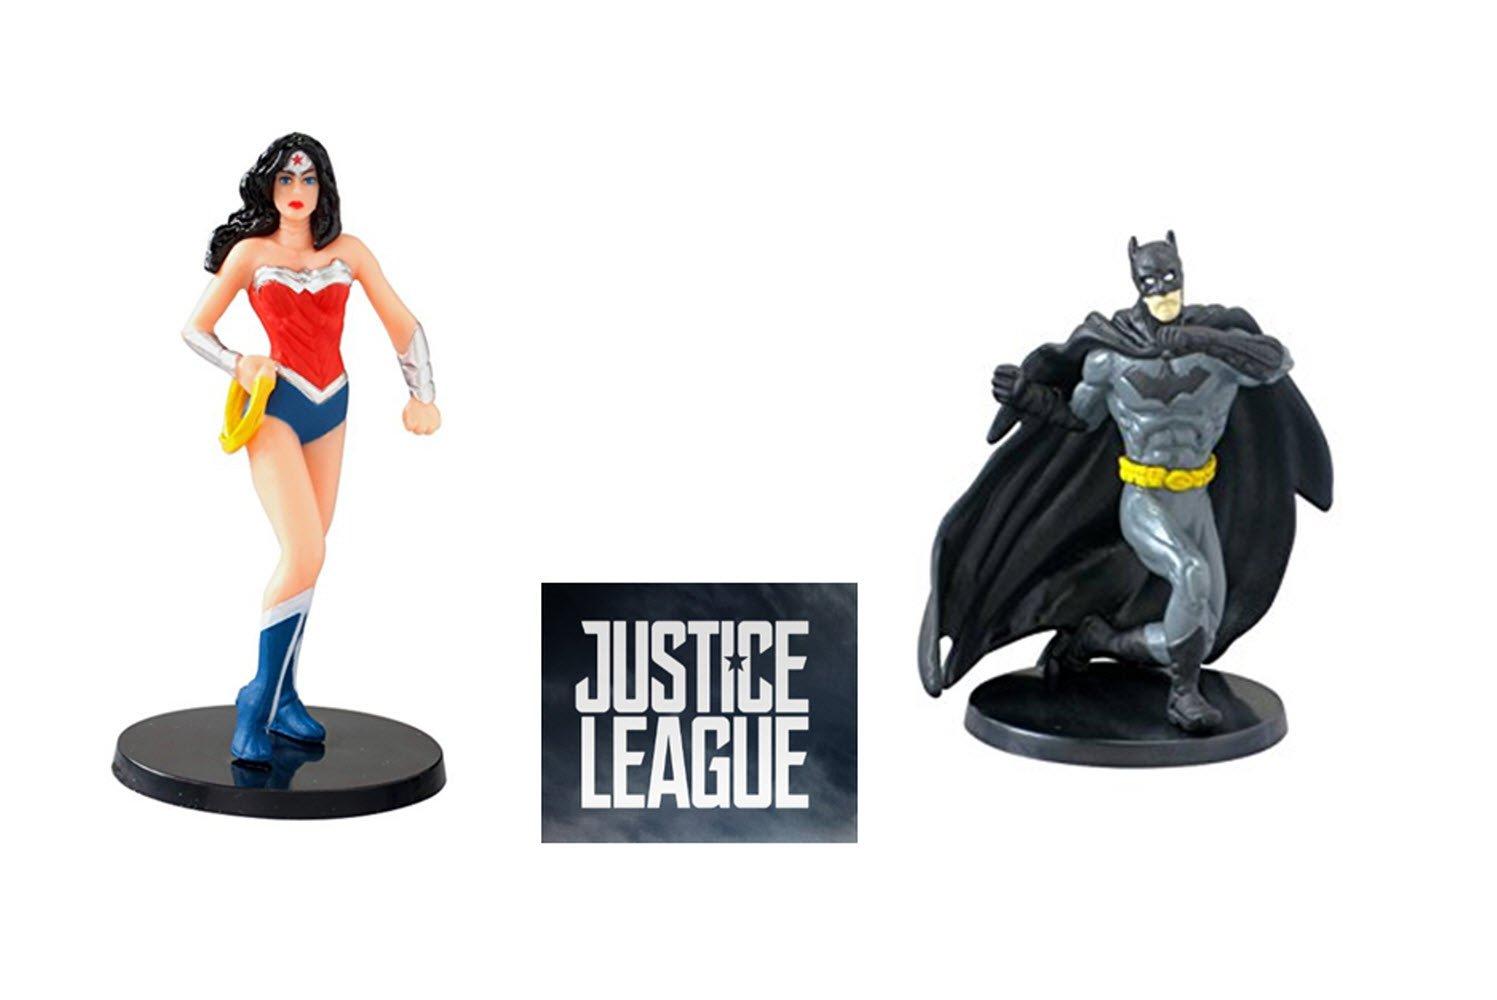 Justice League 2017 Wonder Woman and Batman PVC Figurines 2.75 DC Comics